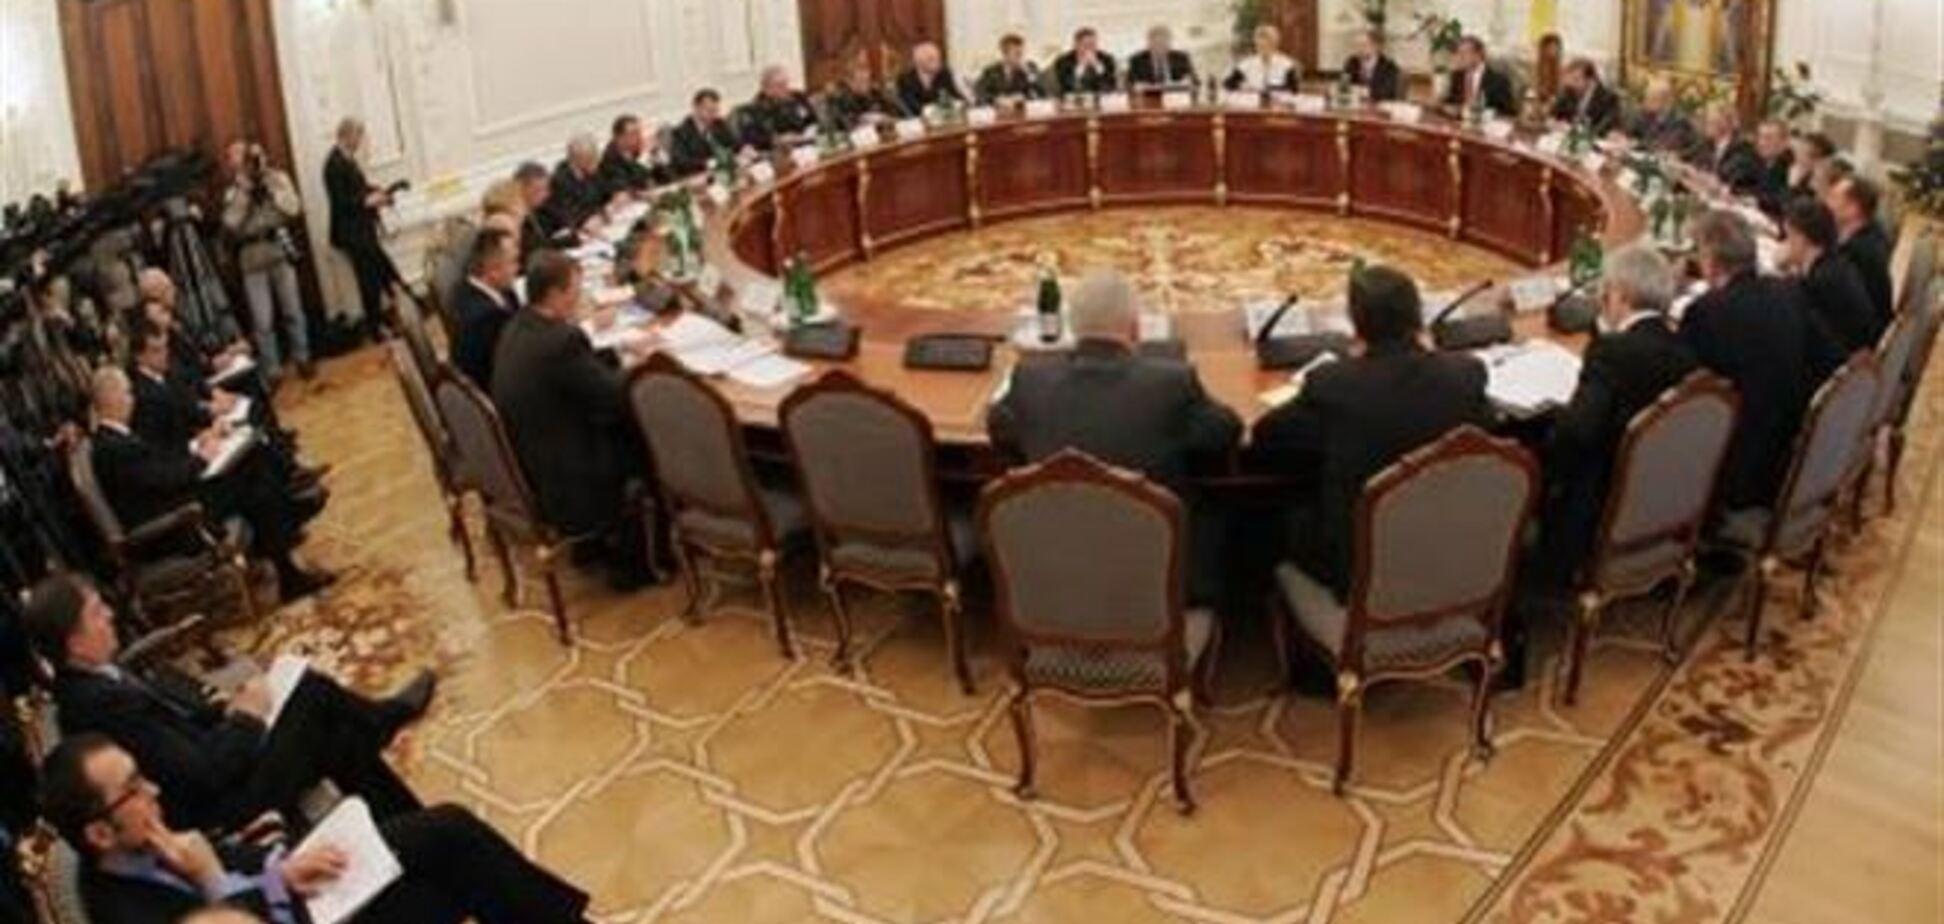 СНБО: заседание не проводилось, не проводится и не планируется